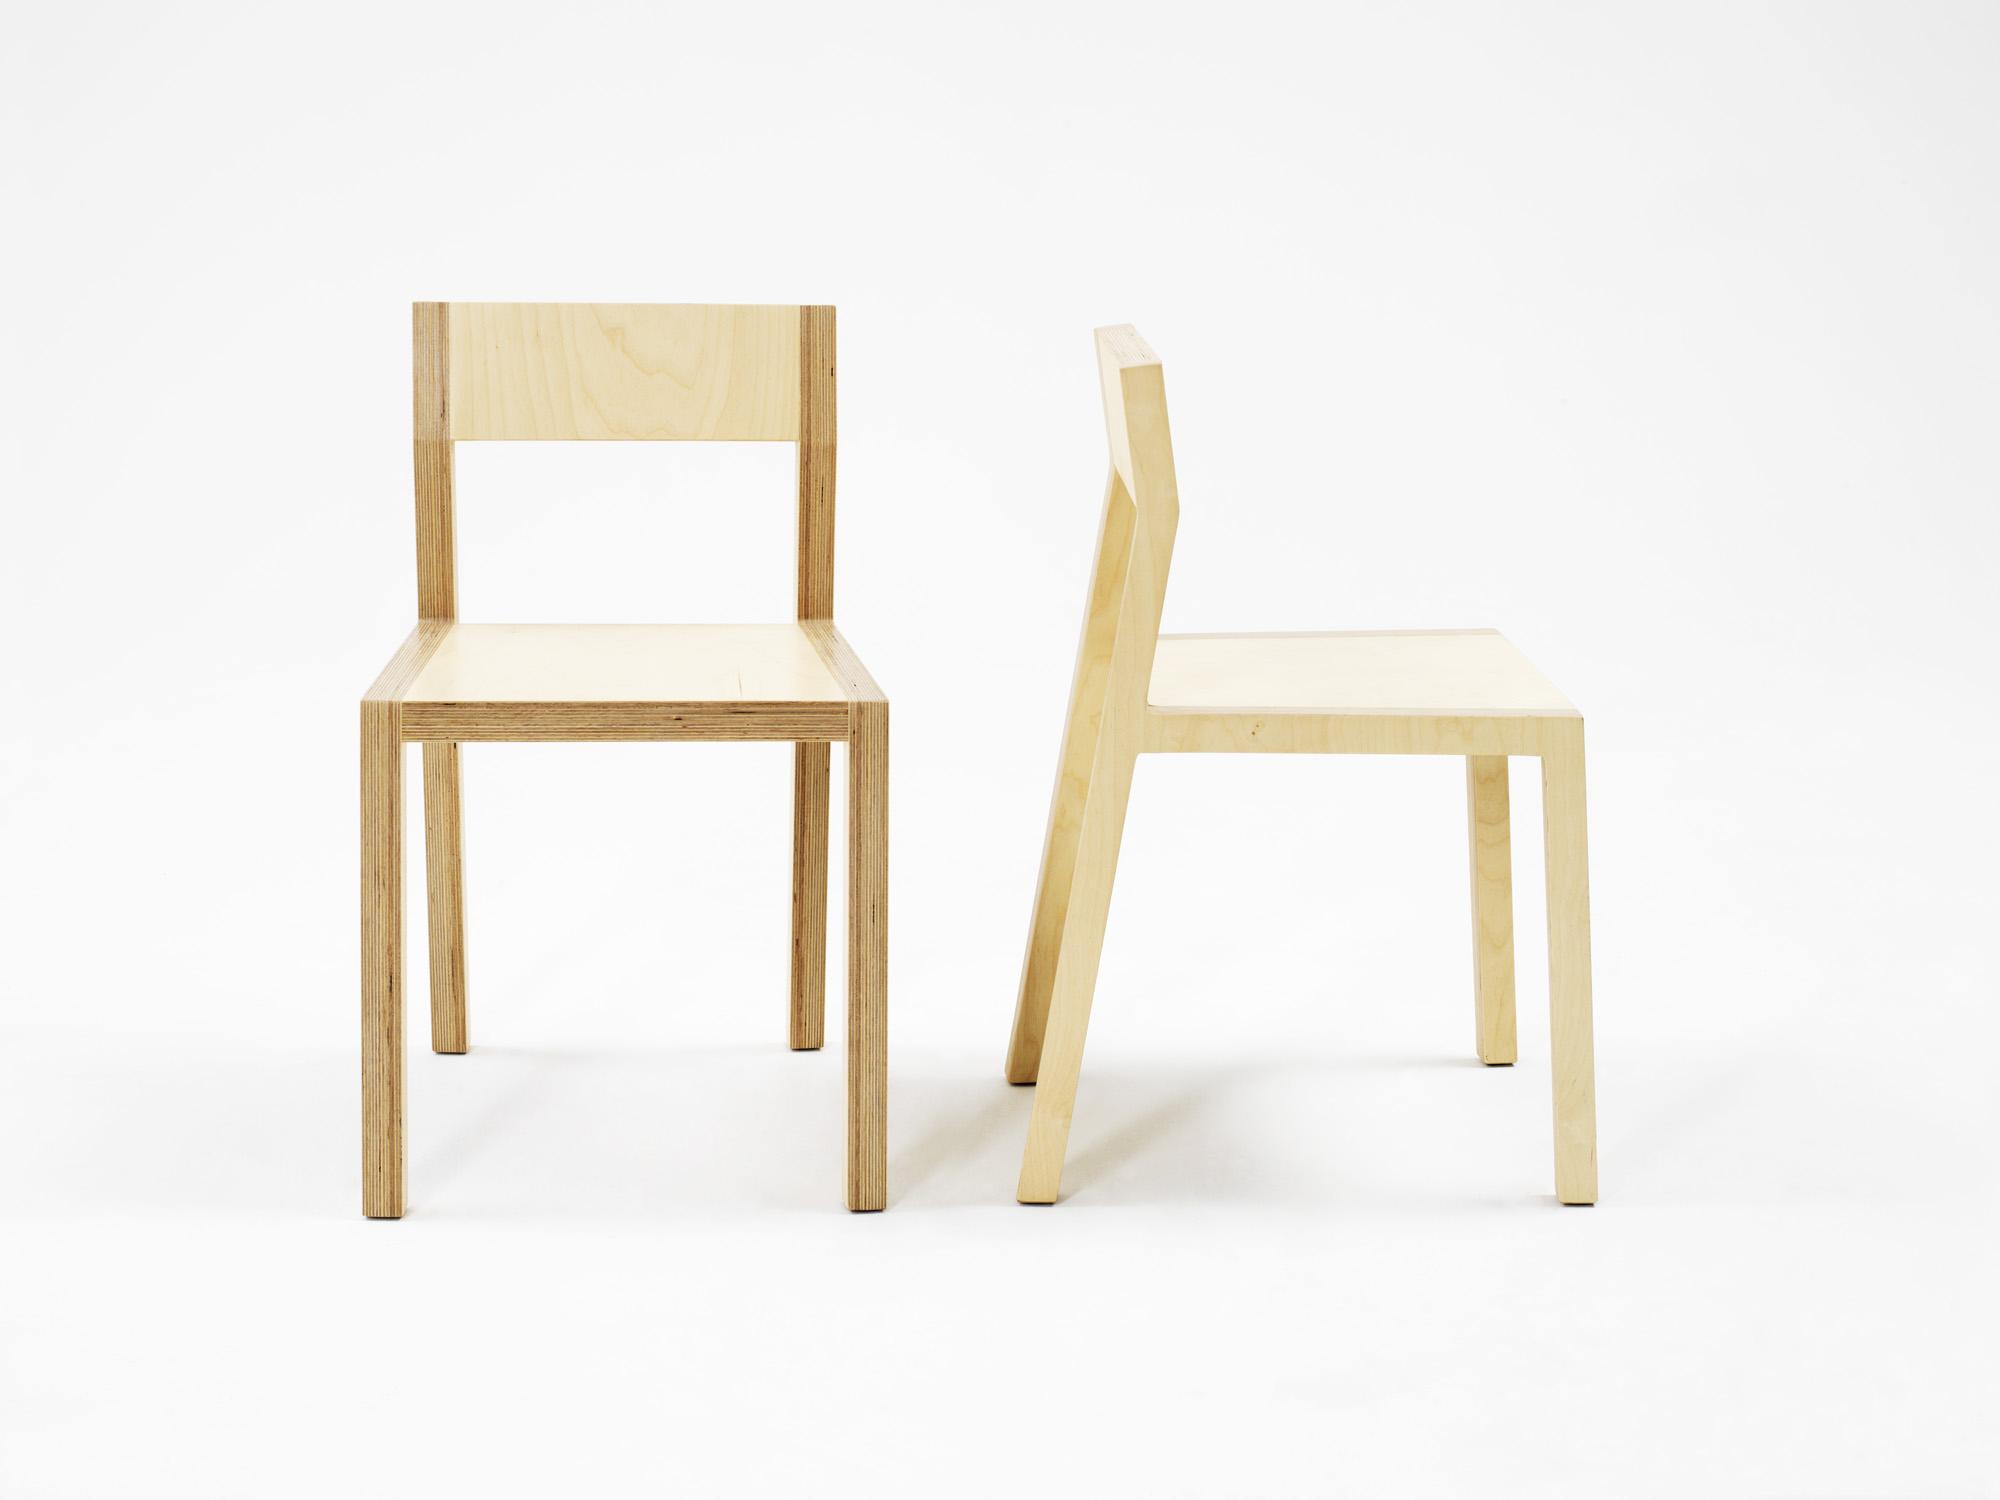 Kink Chair